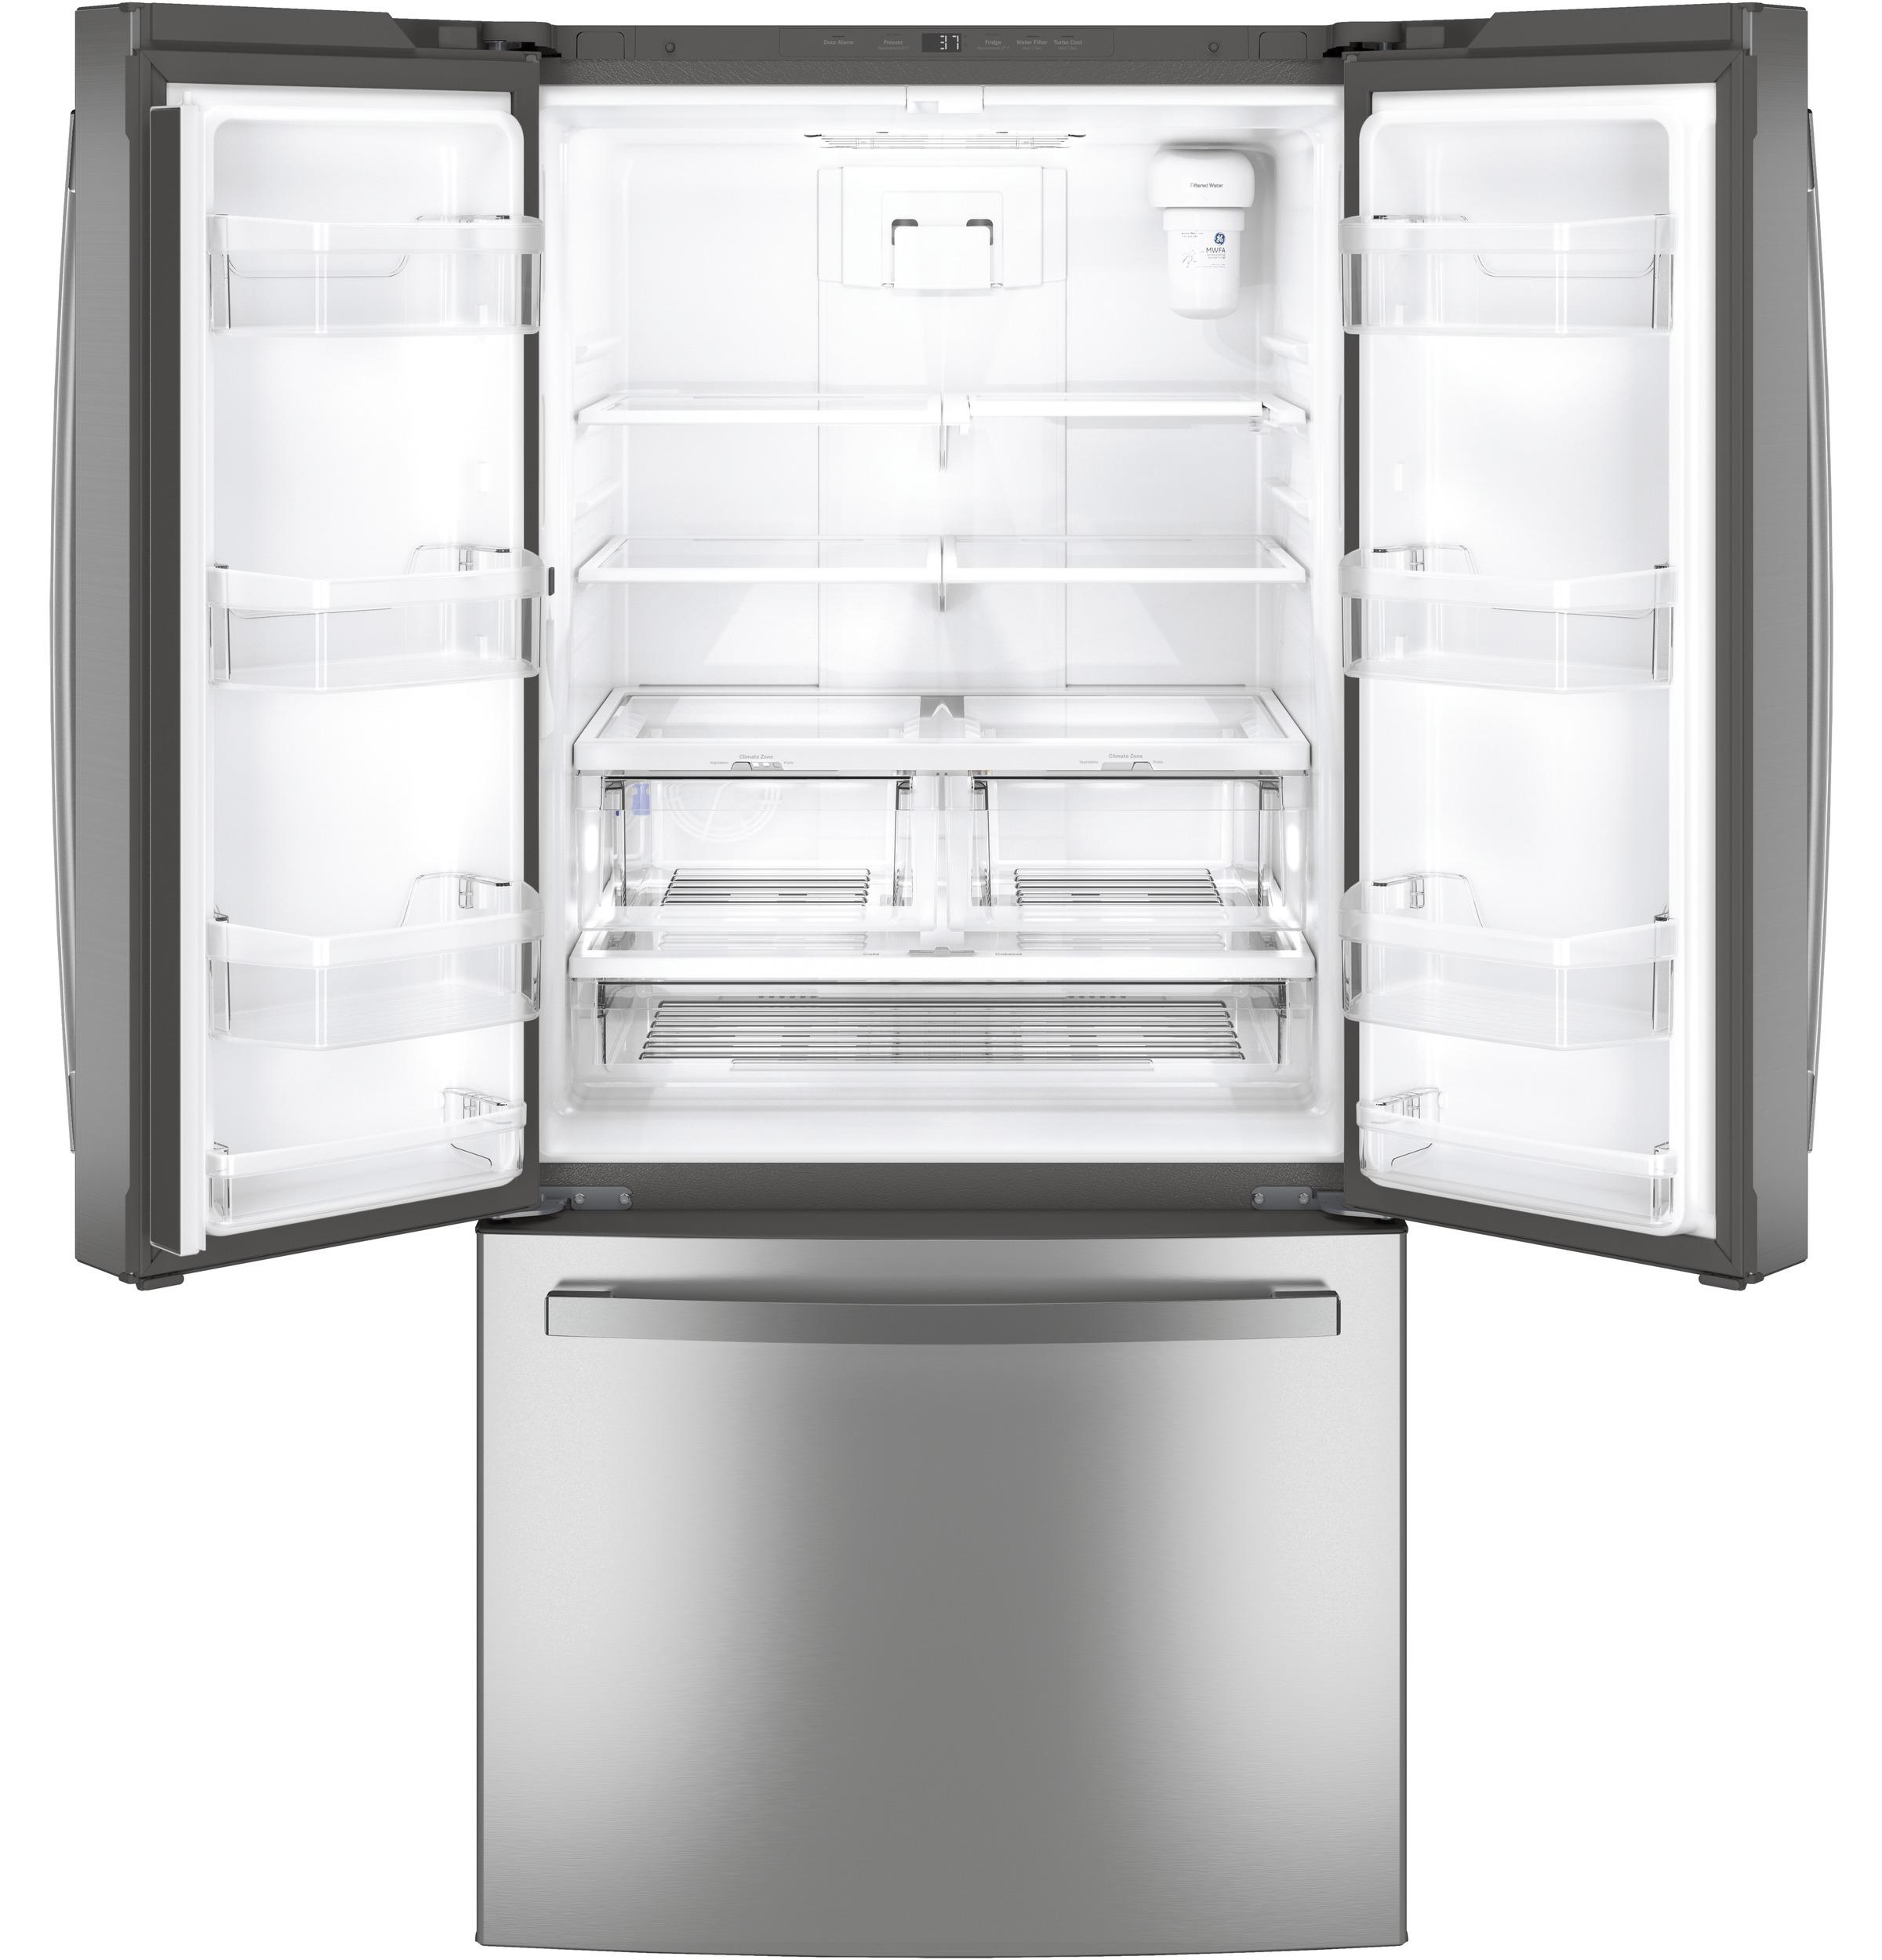 Model: GNE25JSKSS | GE GE® ENERGY STAR® 24.7 Cu. Ft. French-Door Refrigerator